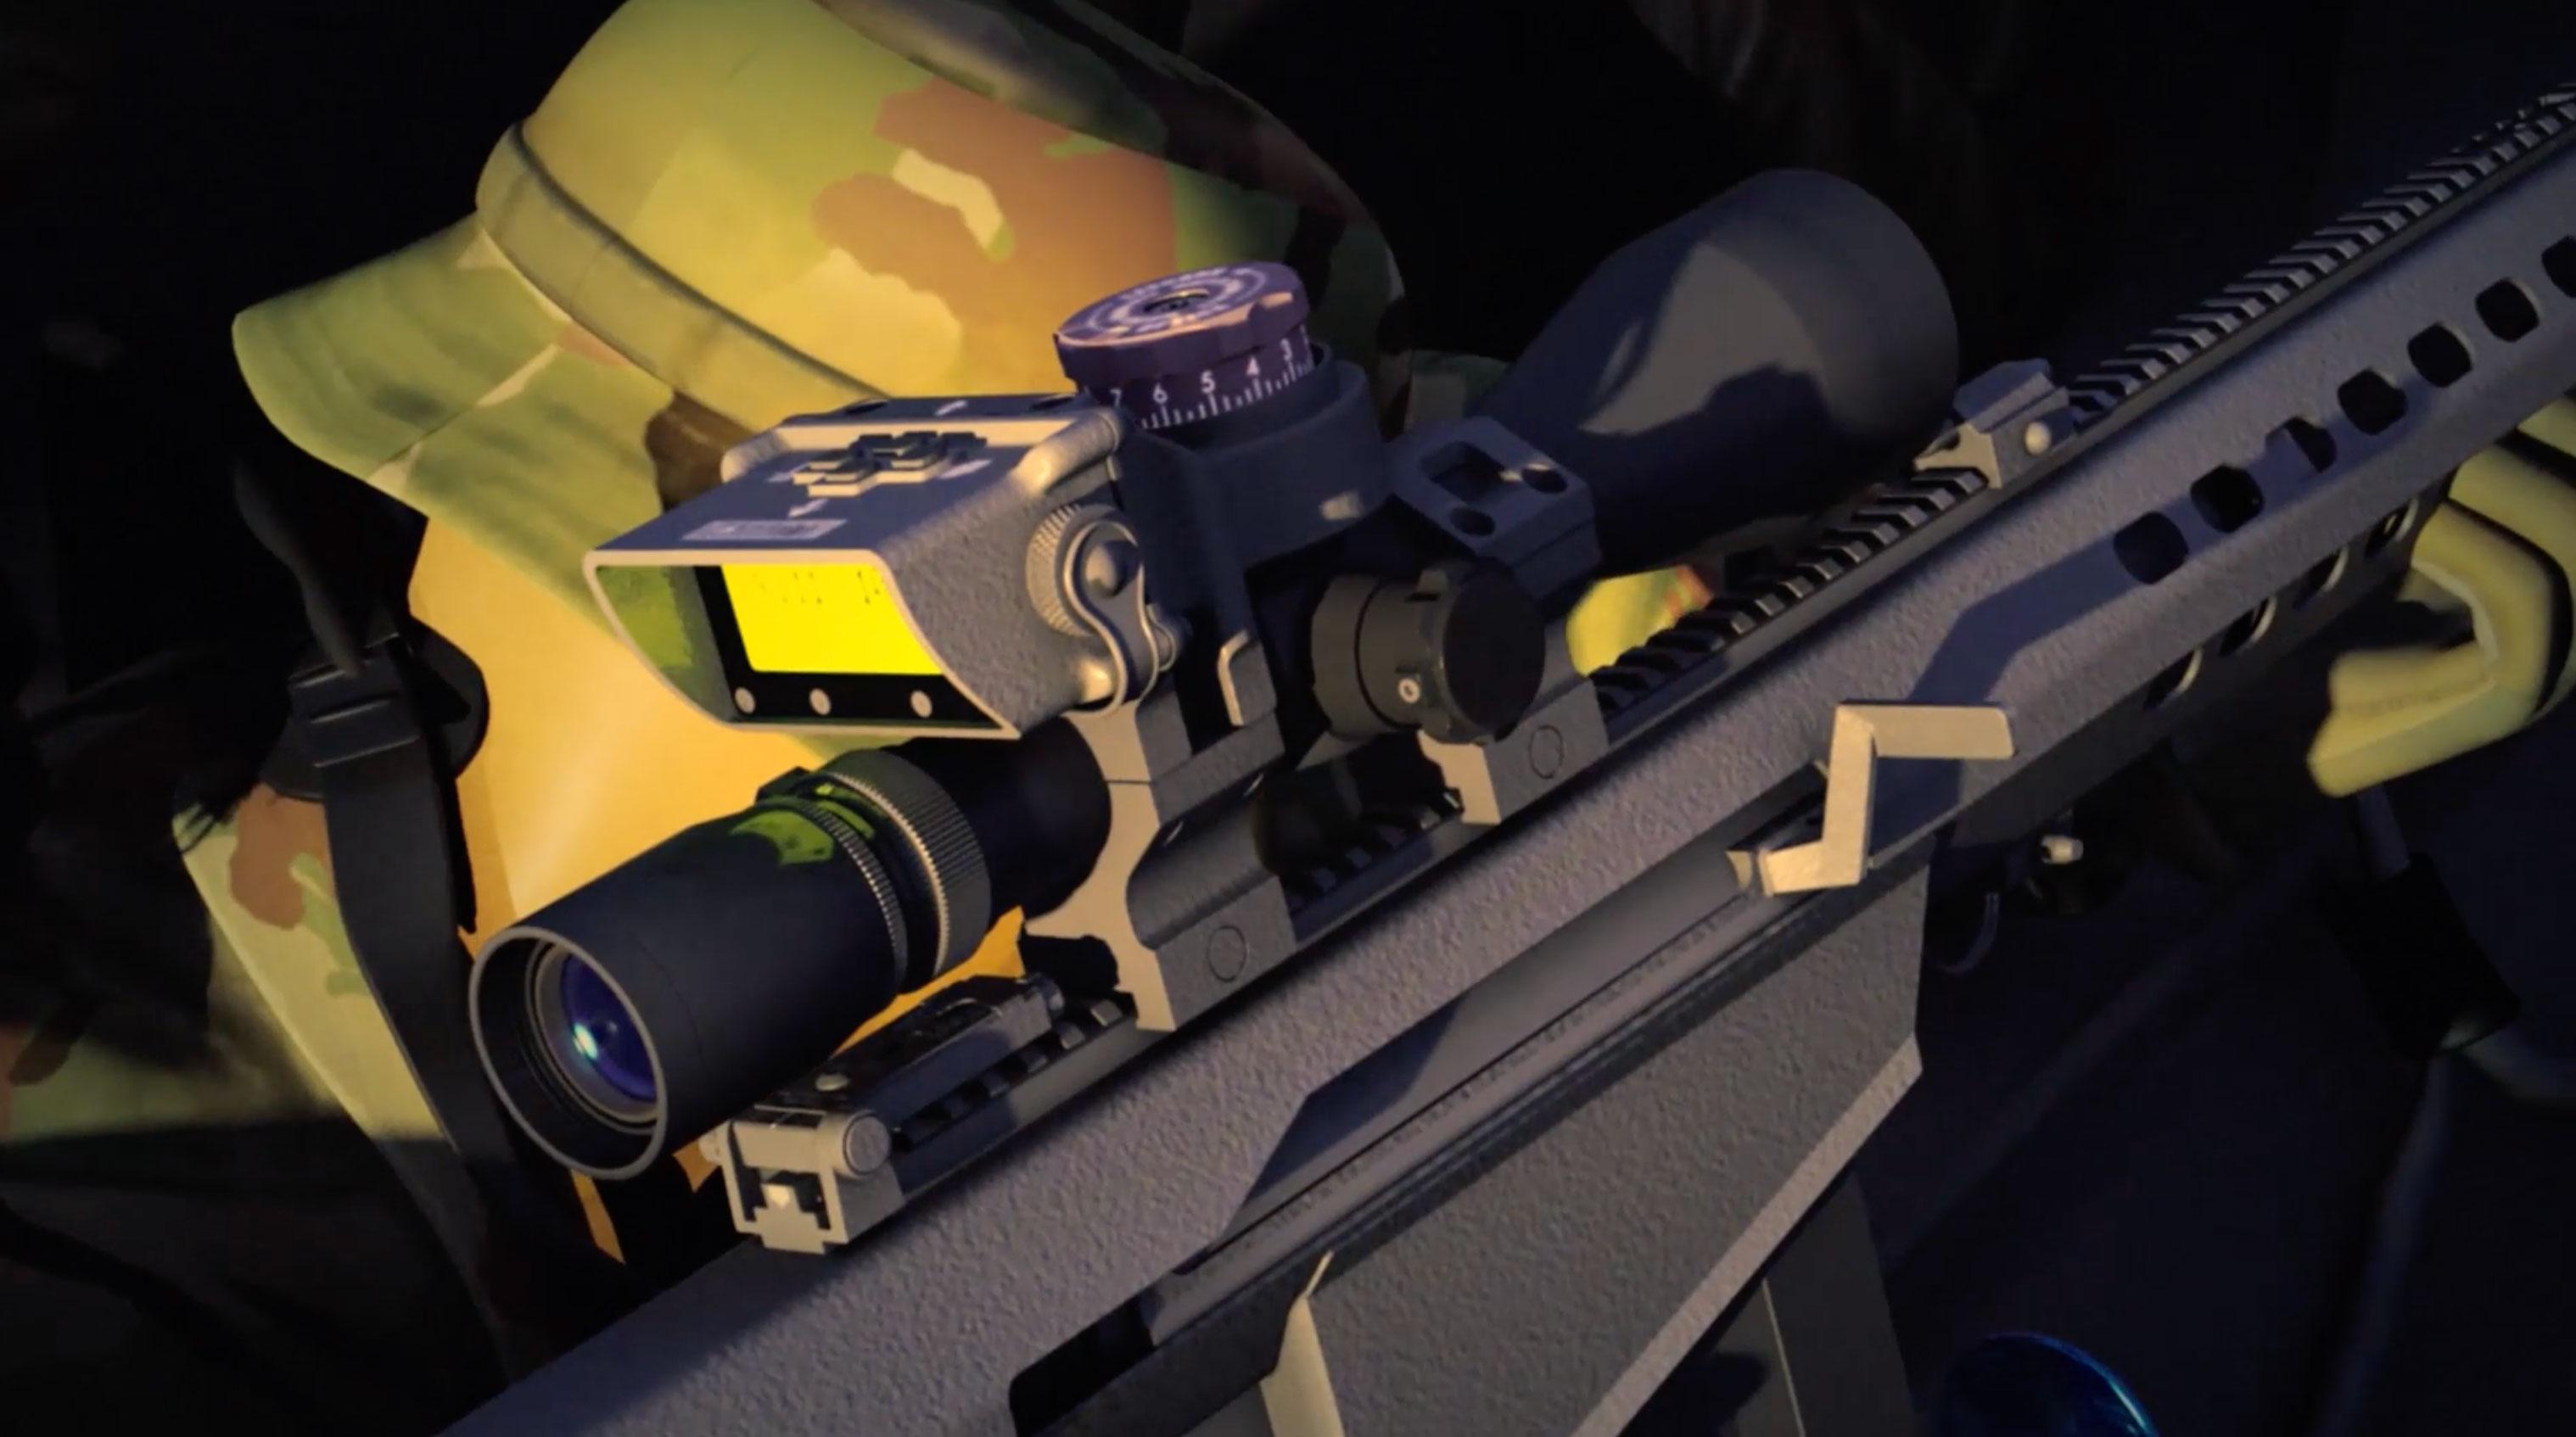 Bal Seal Engineering – Sniper Rifle 3D Rendering